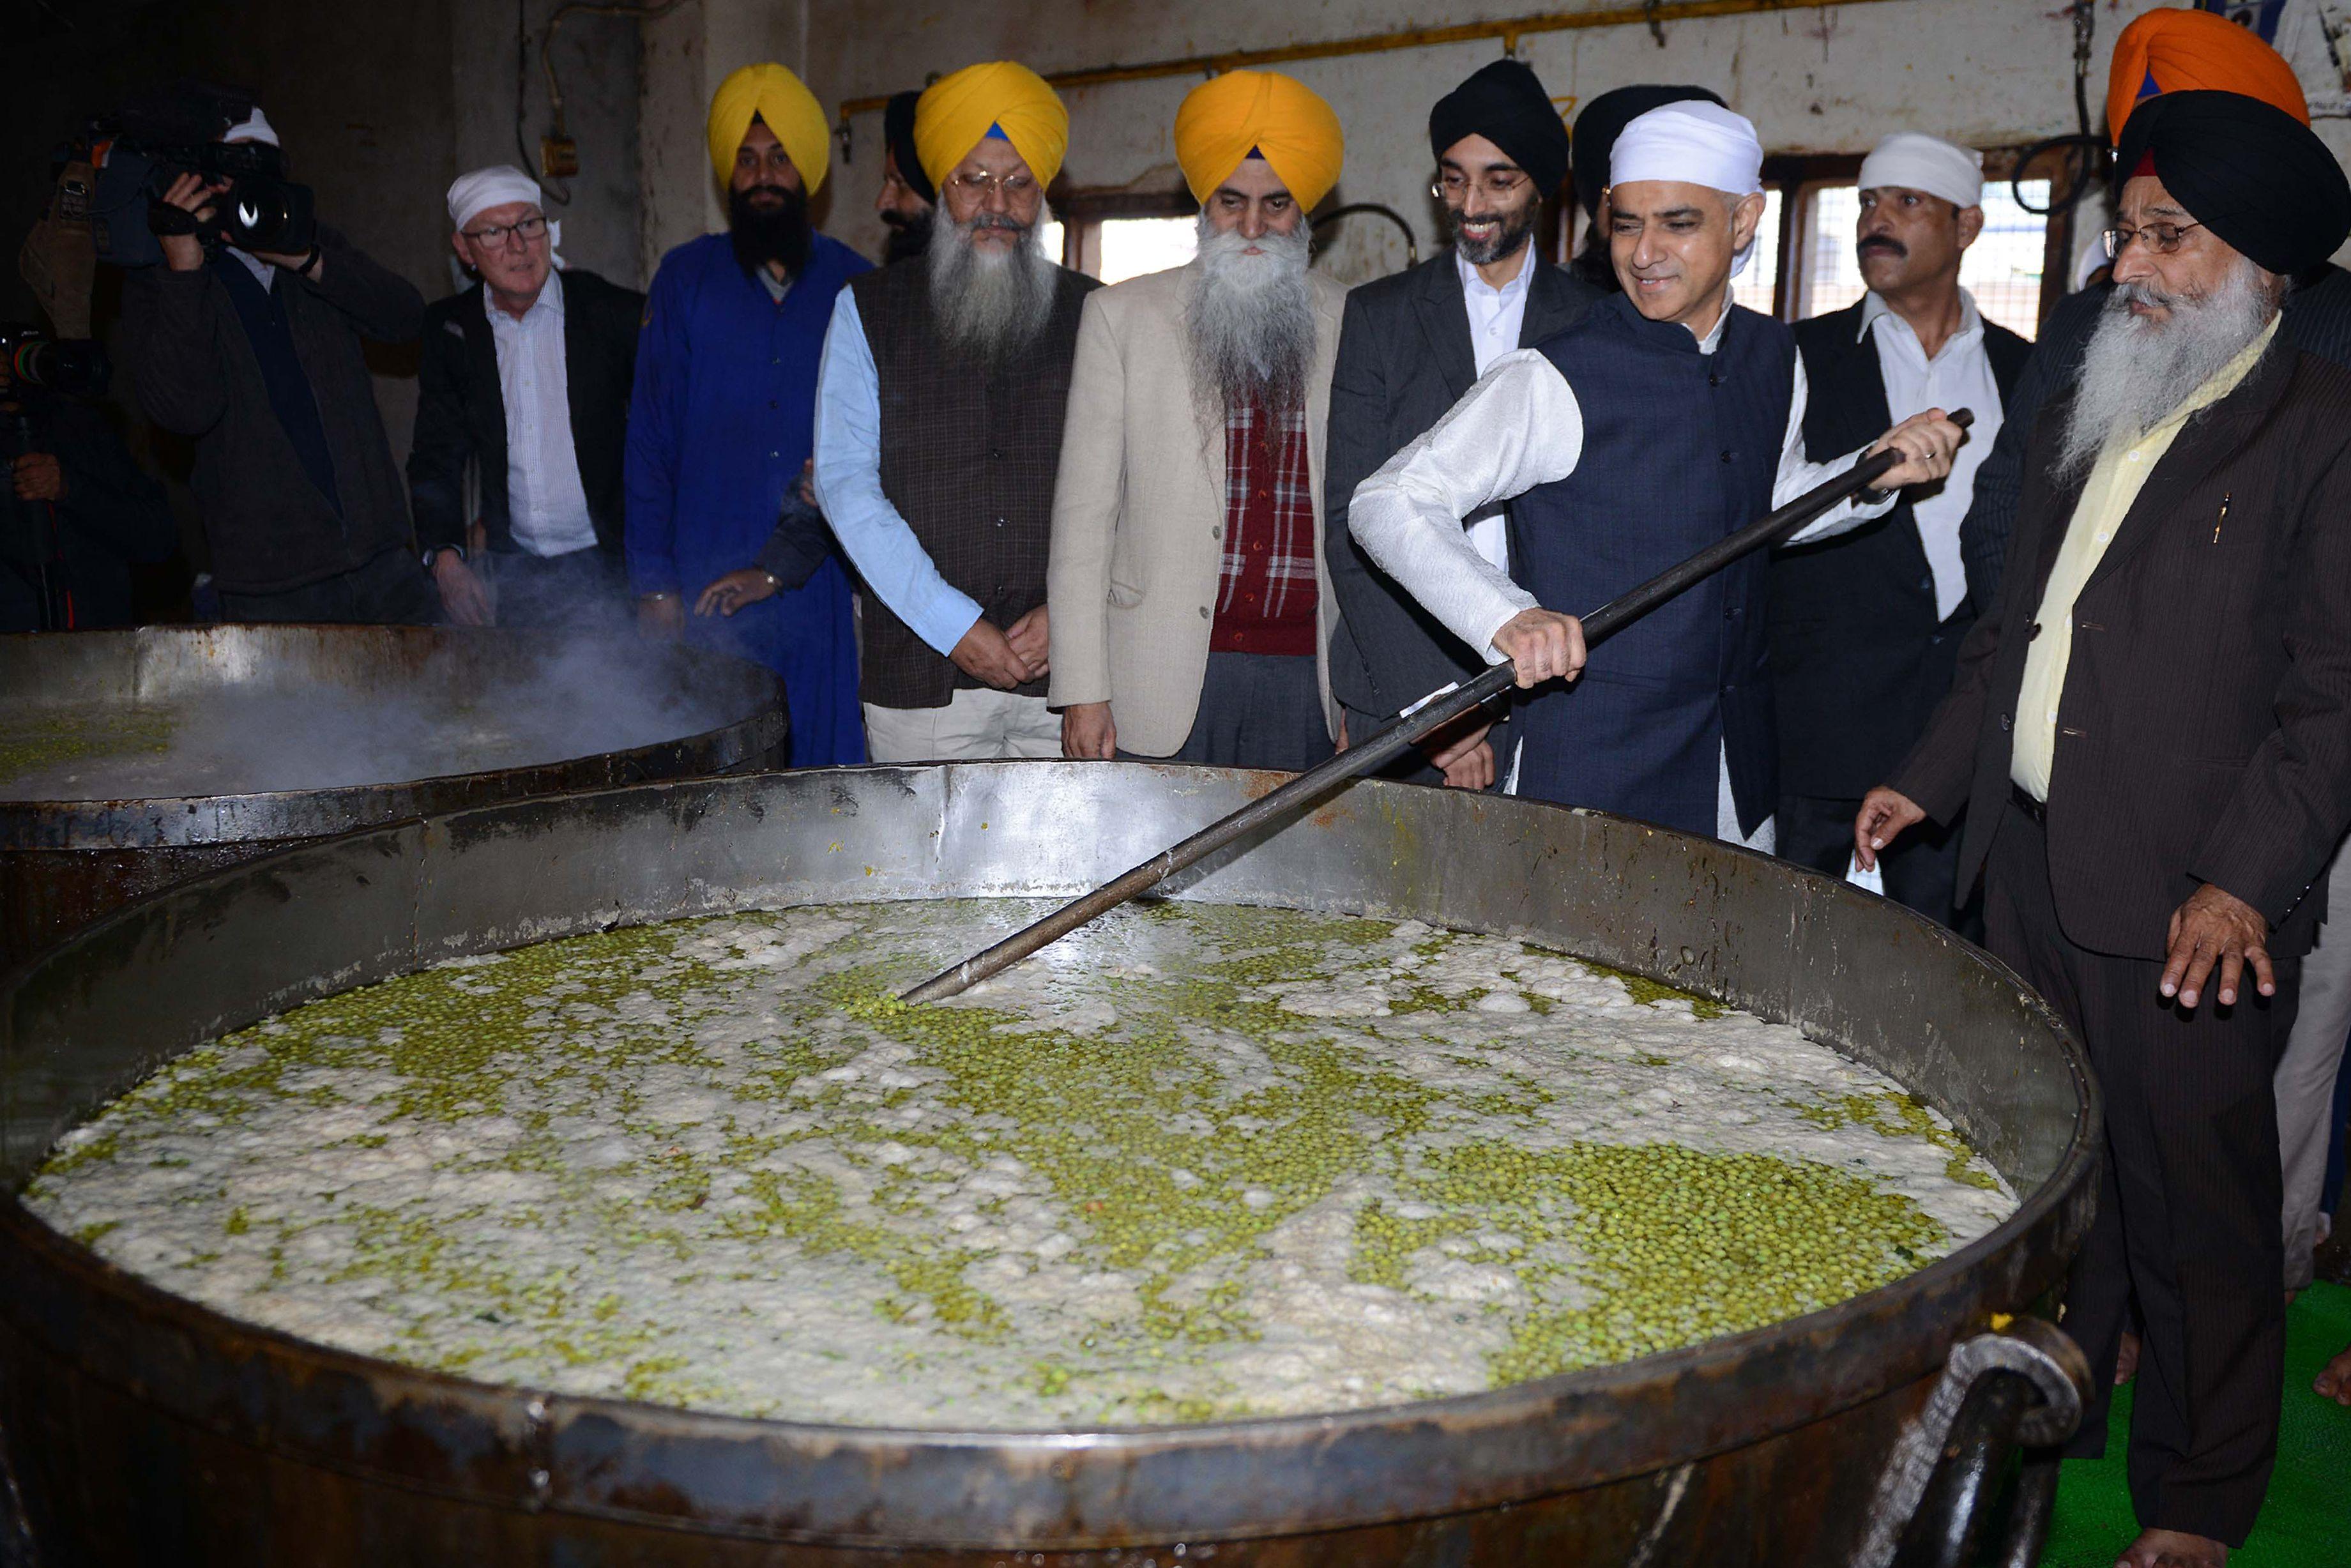 صادق خان يشارك فى أعمال الطهى داخل المعبد الذهبى فى الهند